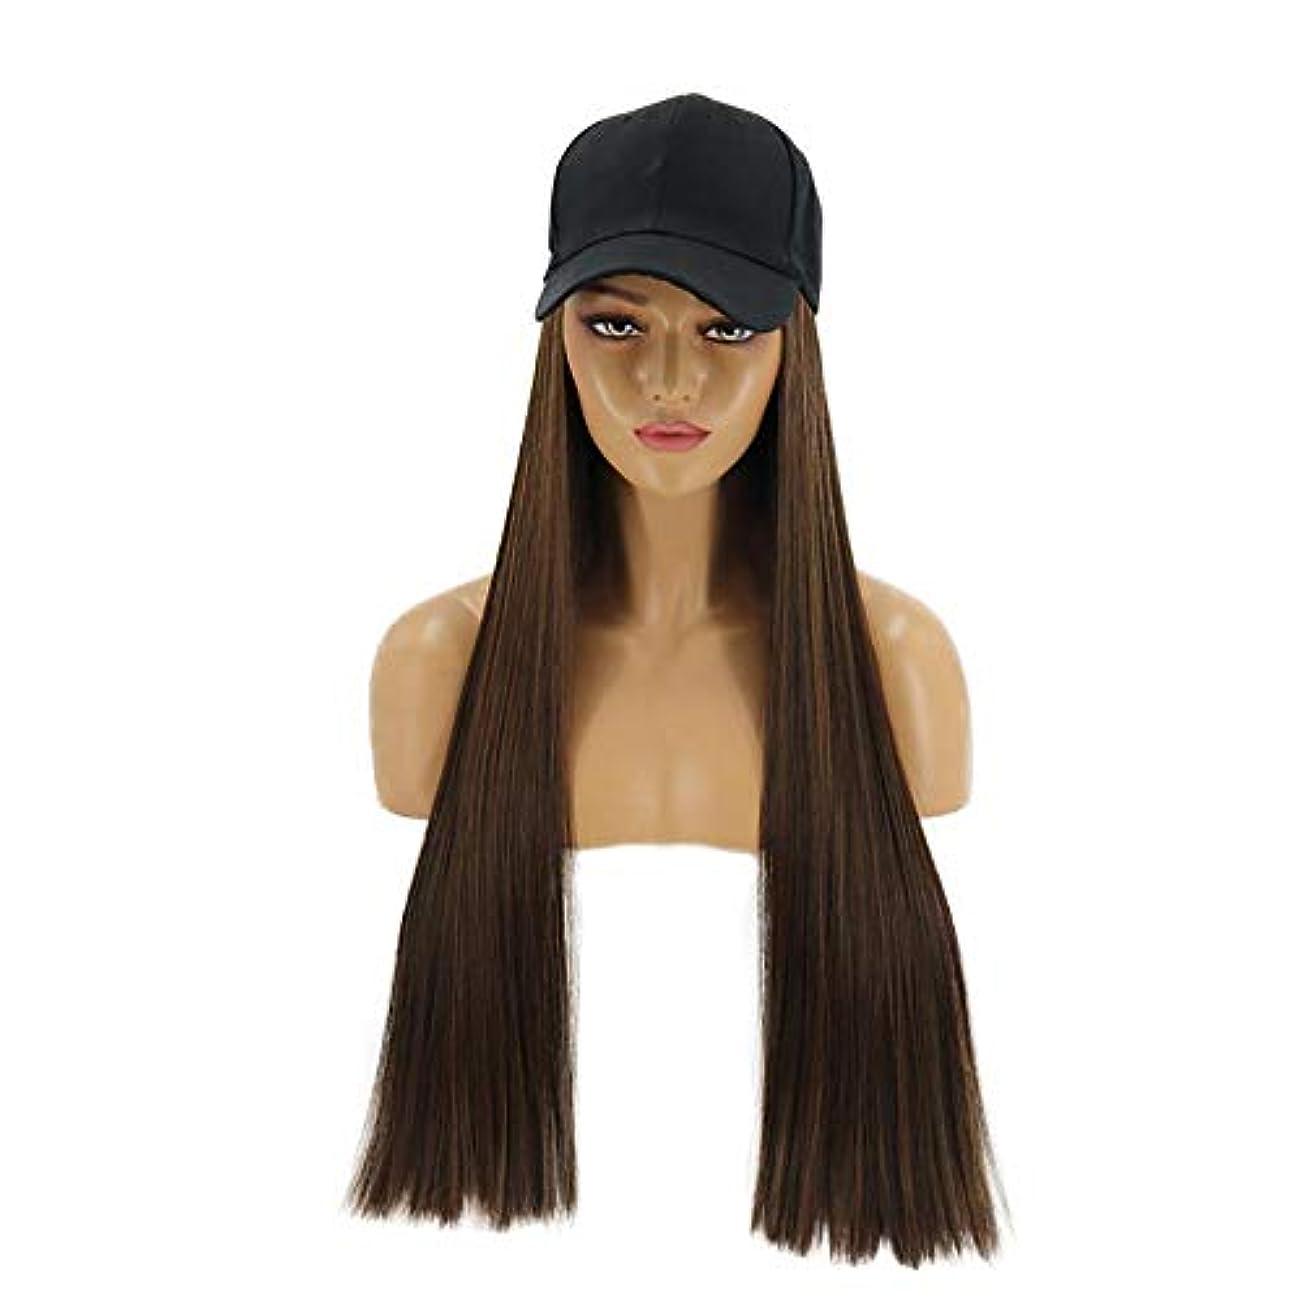 なめるパトワはねかけるHAILAN HOME-かつら ライトブラウンファッションの女性ウィッグワンピース帽子ウィッグ先見Unbowed髪ハット62センチメートルワンピース取り外し可能 (色 : Light brown)